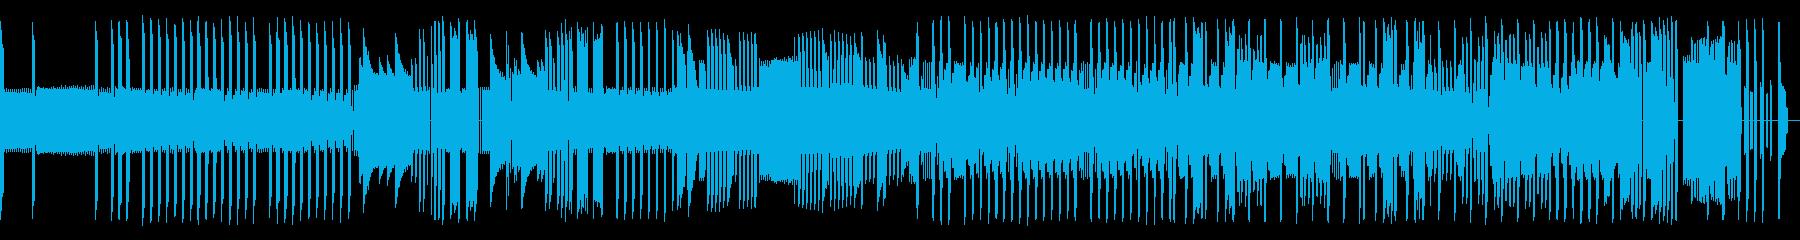 熊蜂の飛行 ゲームサウンドの再生済みの波形